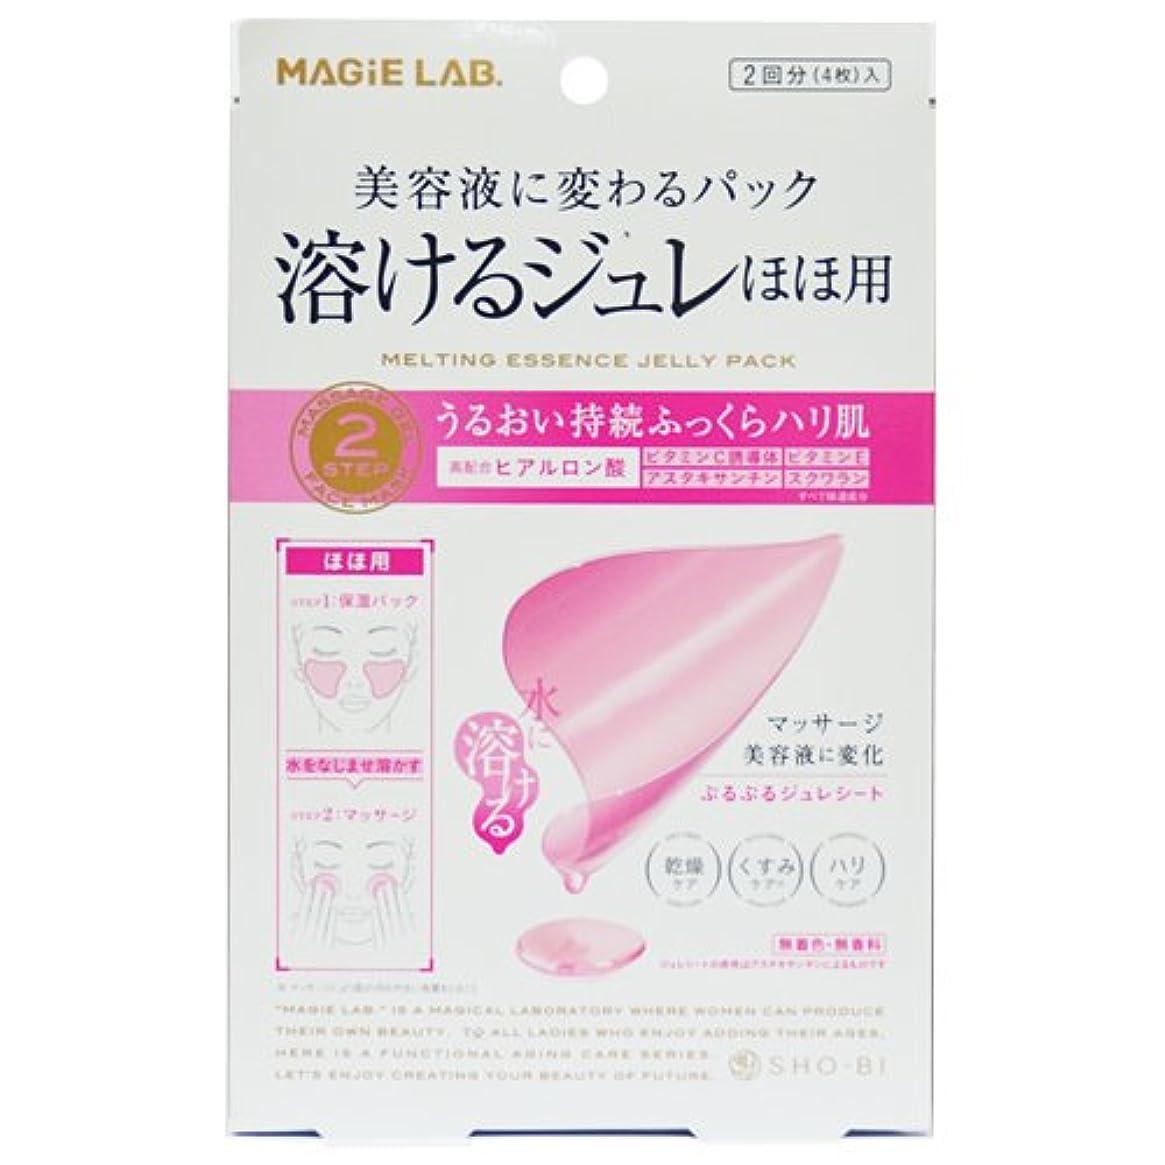 甥感覚少数SHO-BI MAGiE LAB.(マジラボ) 溶けるジュレほほ用 2回分(4枚)入 MG22102